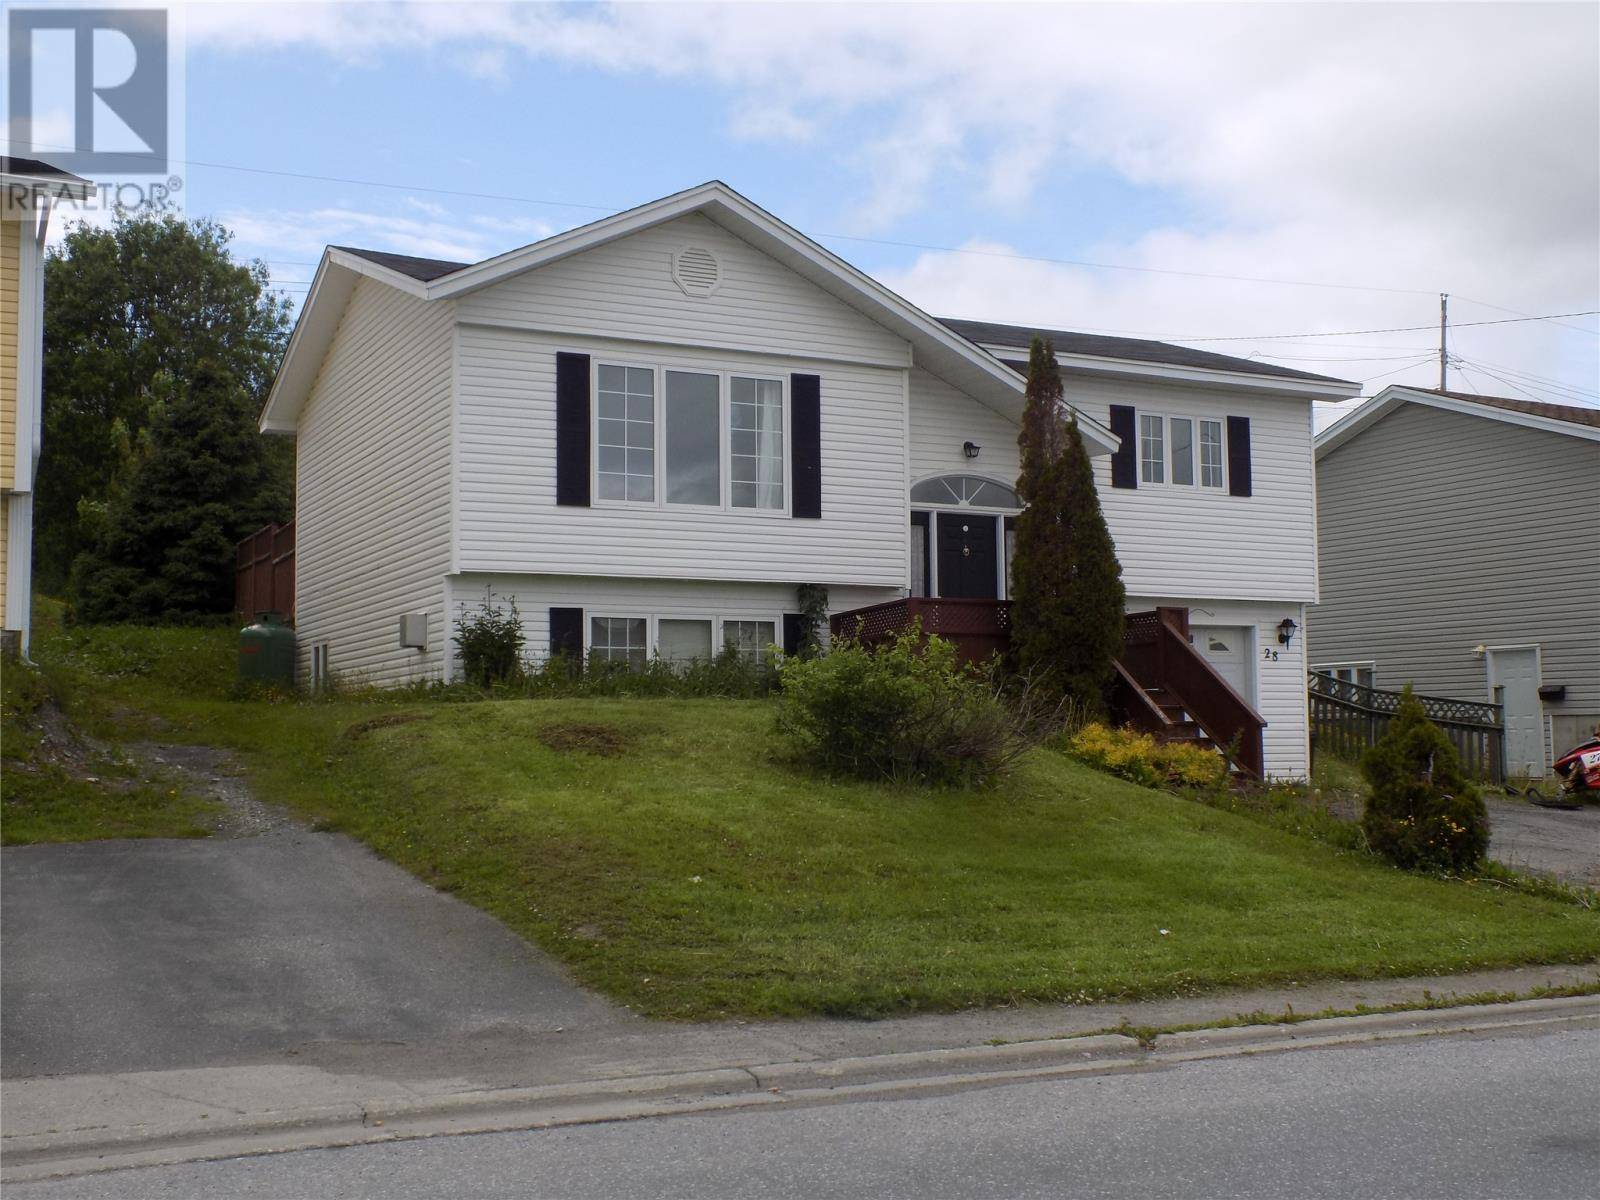 House for sale at 28 Shamrock Cres Corner  Brook Newfoundland - MLS: 1199210